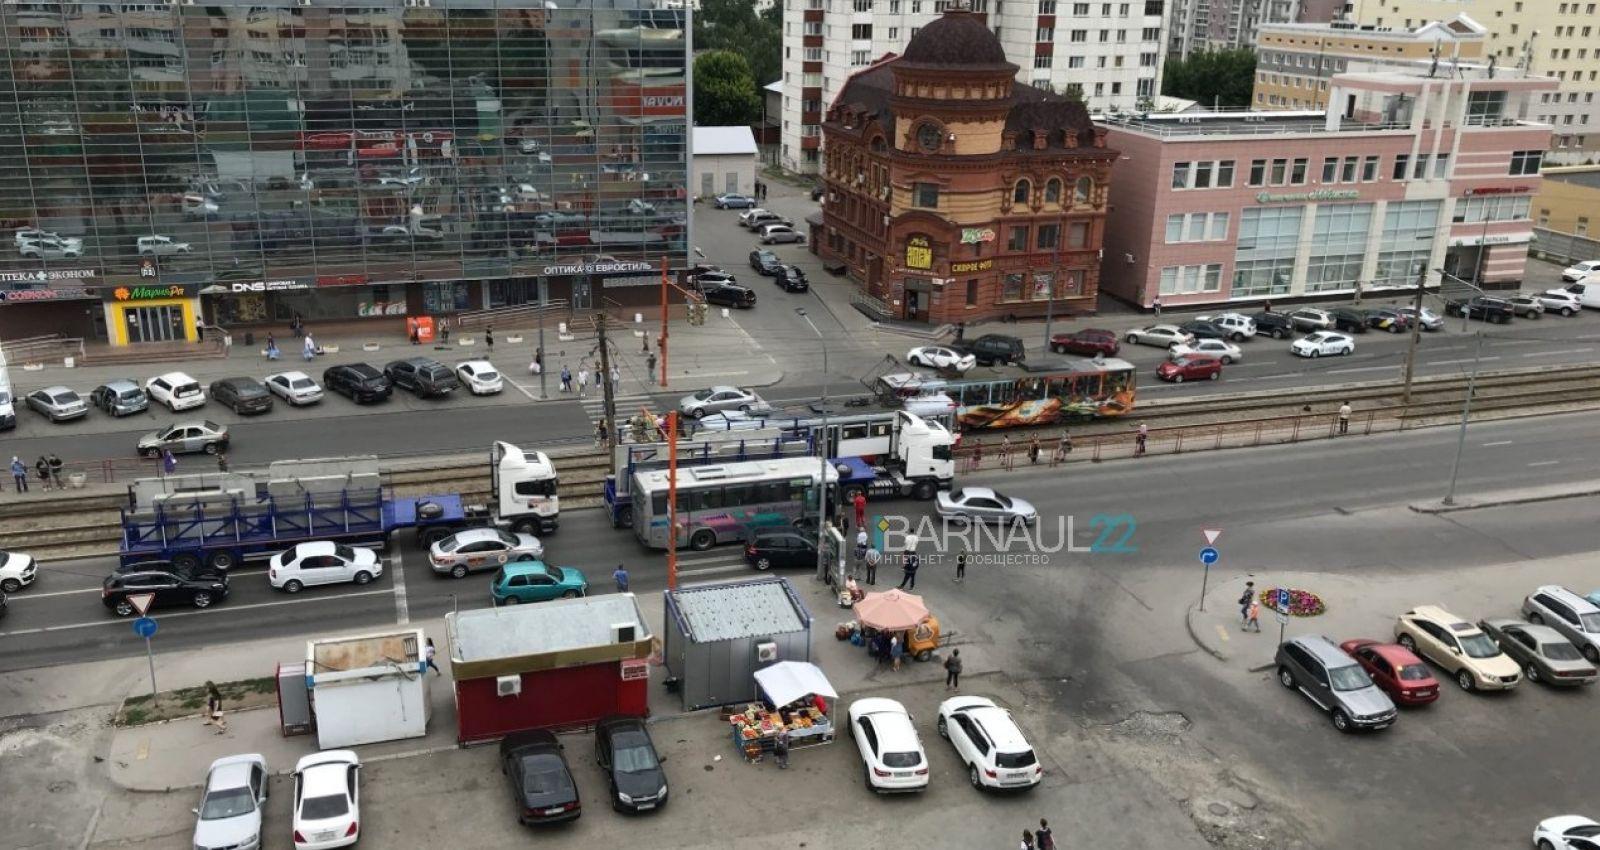 Междугородный автобус попал в ДТП в Барнауле